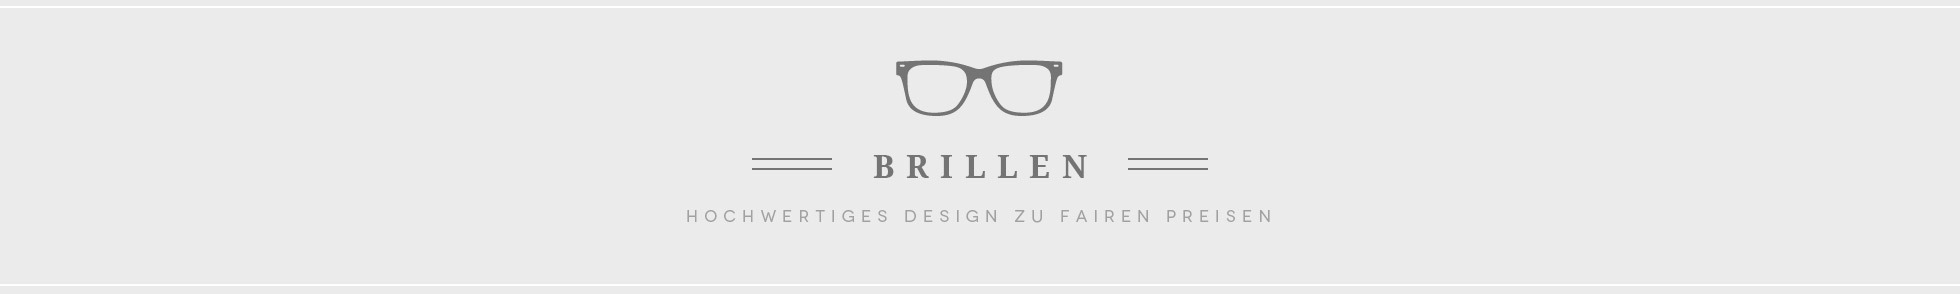 Markenbrillen | 199€